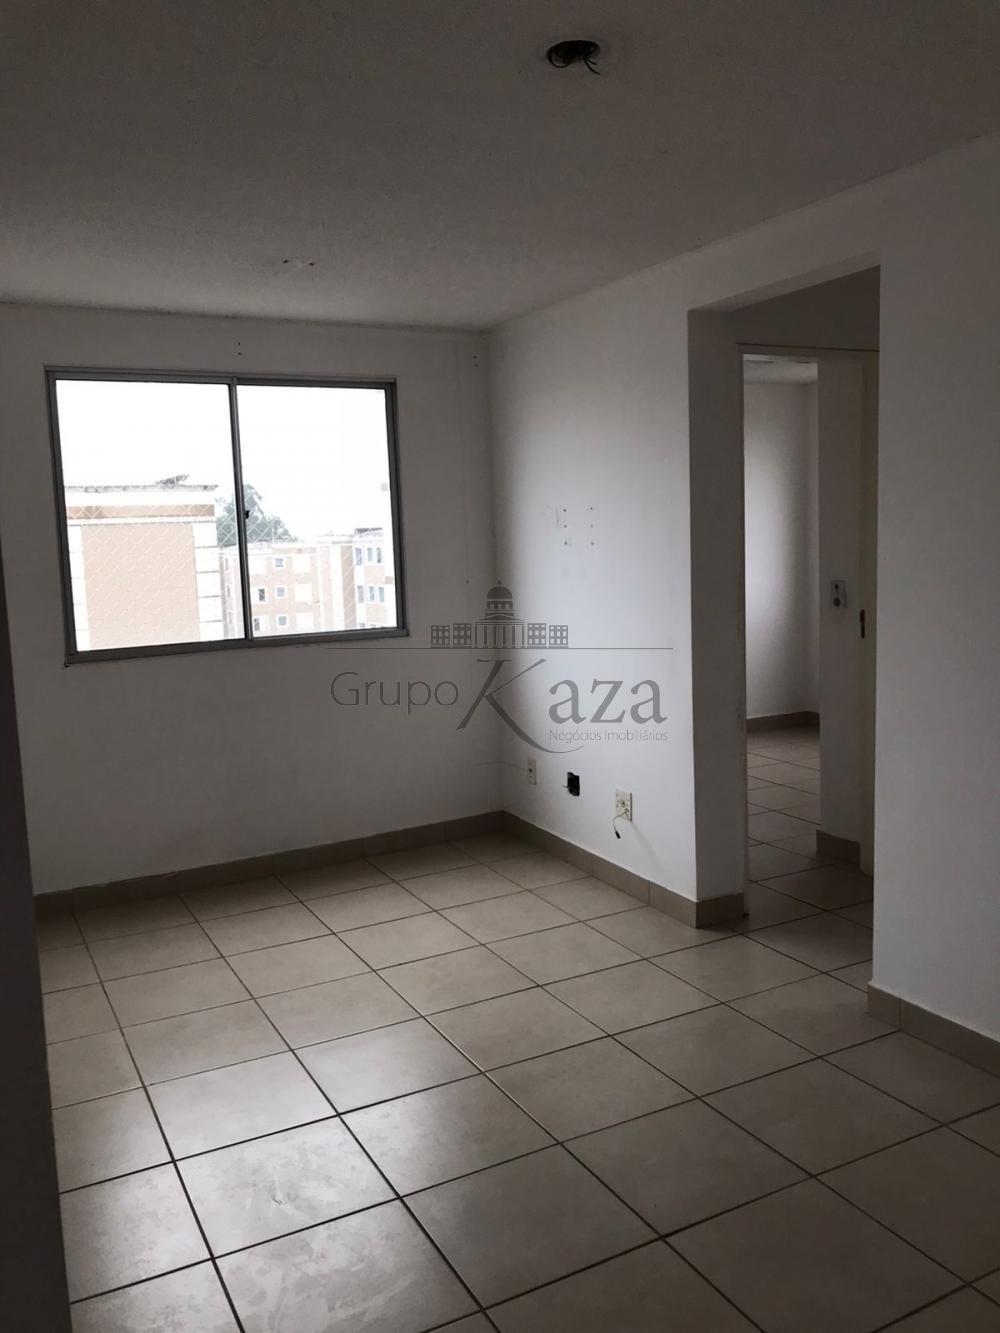 alt='Comprar Apartamento / Padrão em São José dos Campos R$ 171.000,00 - Foto 1' title='Comprar Apartamento / Padrão em São José dos Campos R$ 171.000,00 - Foto 1'